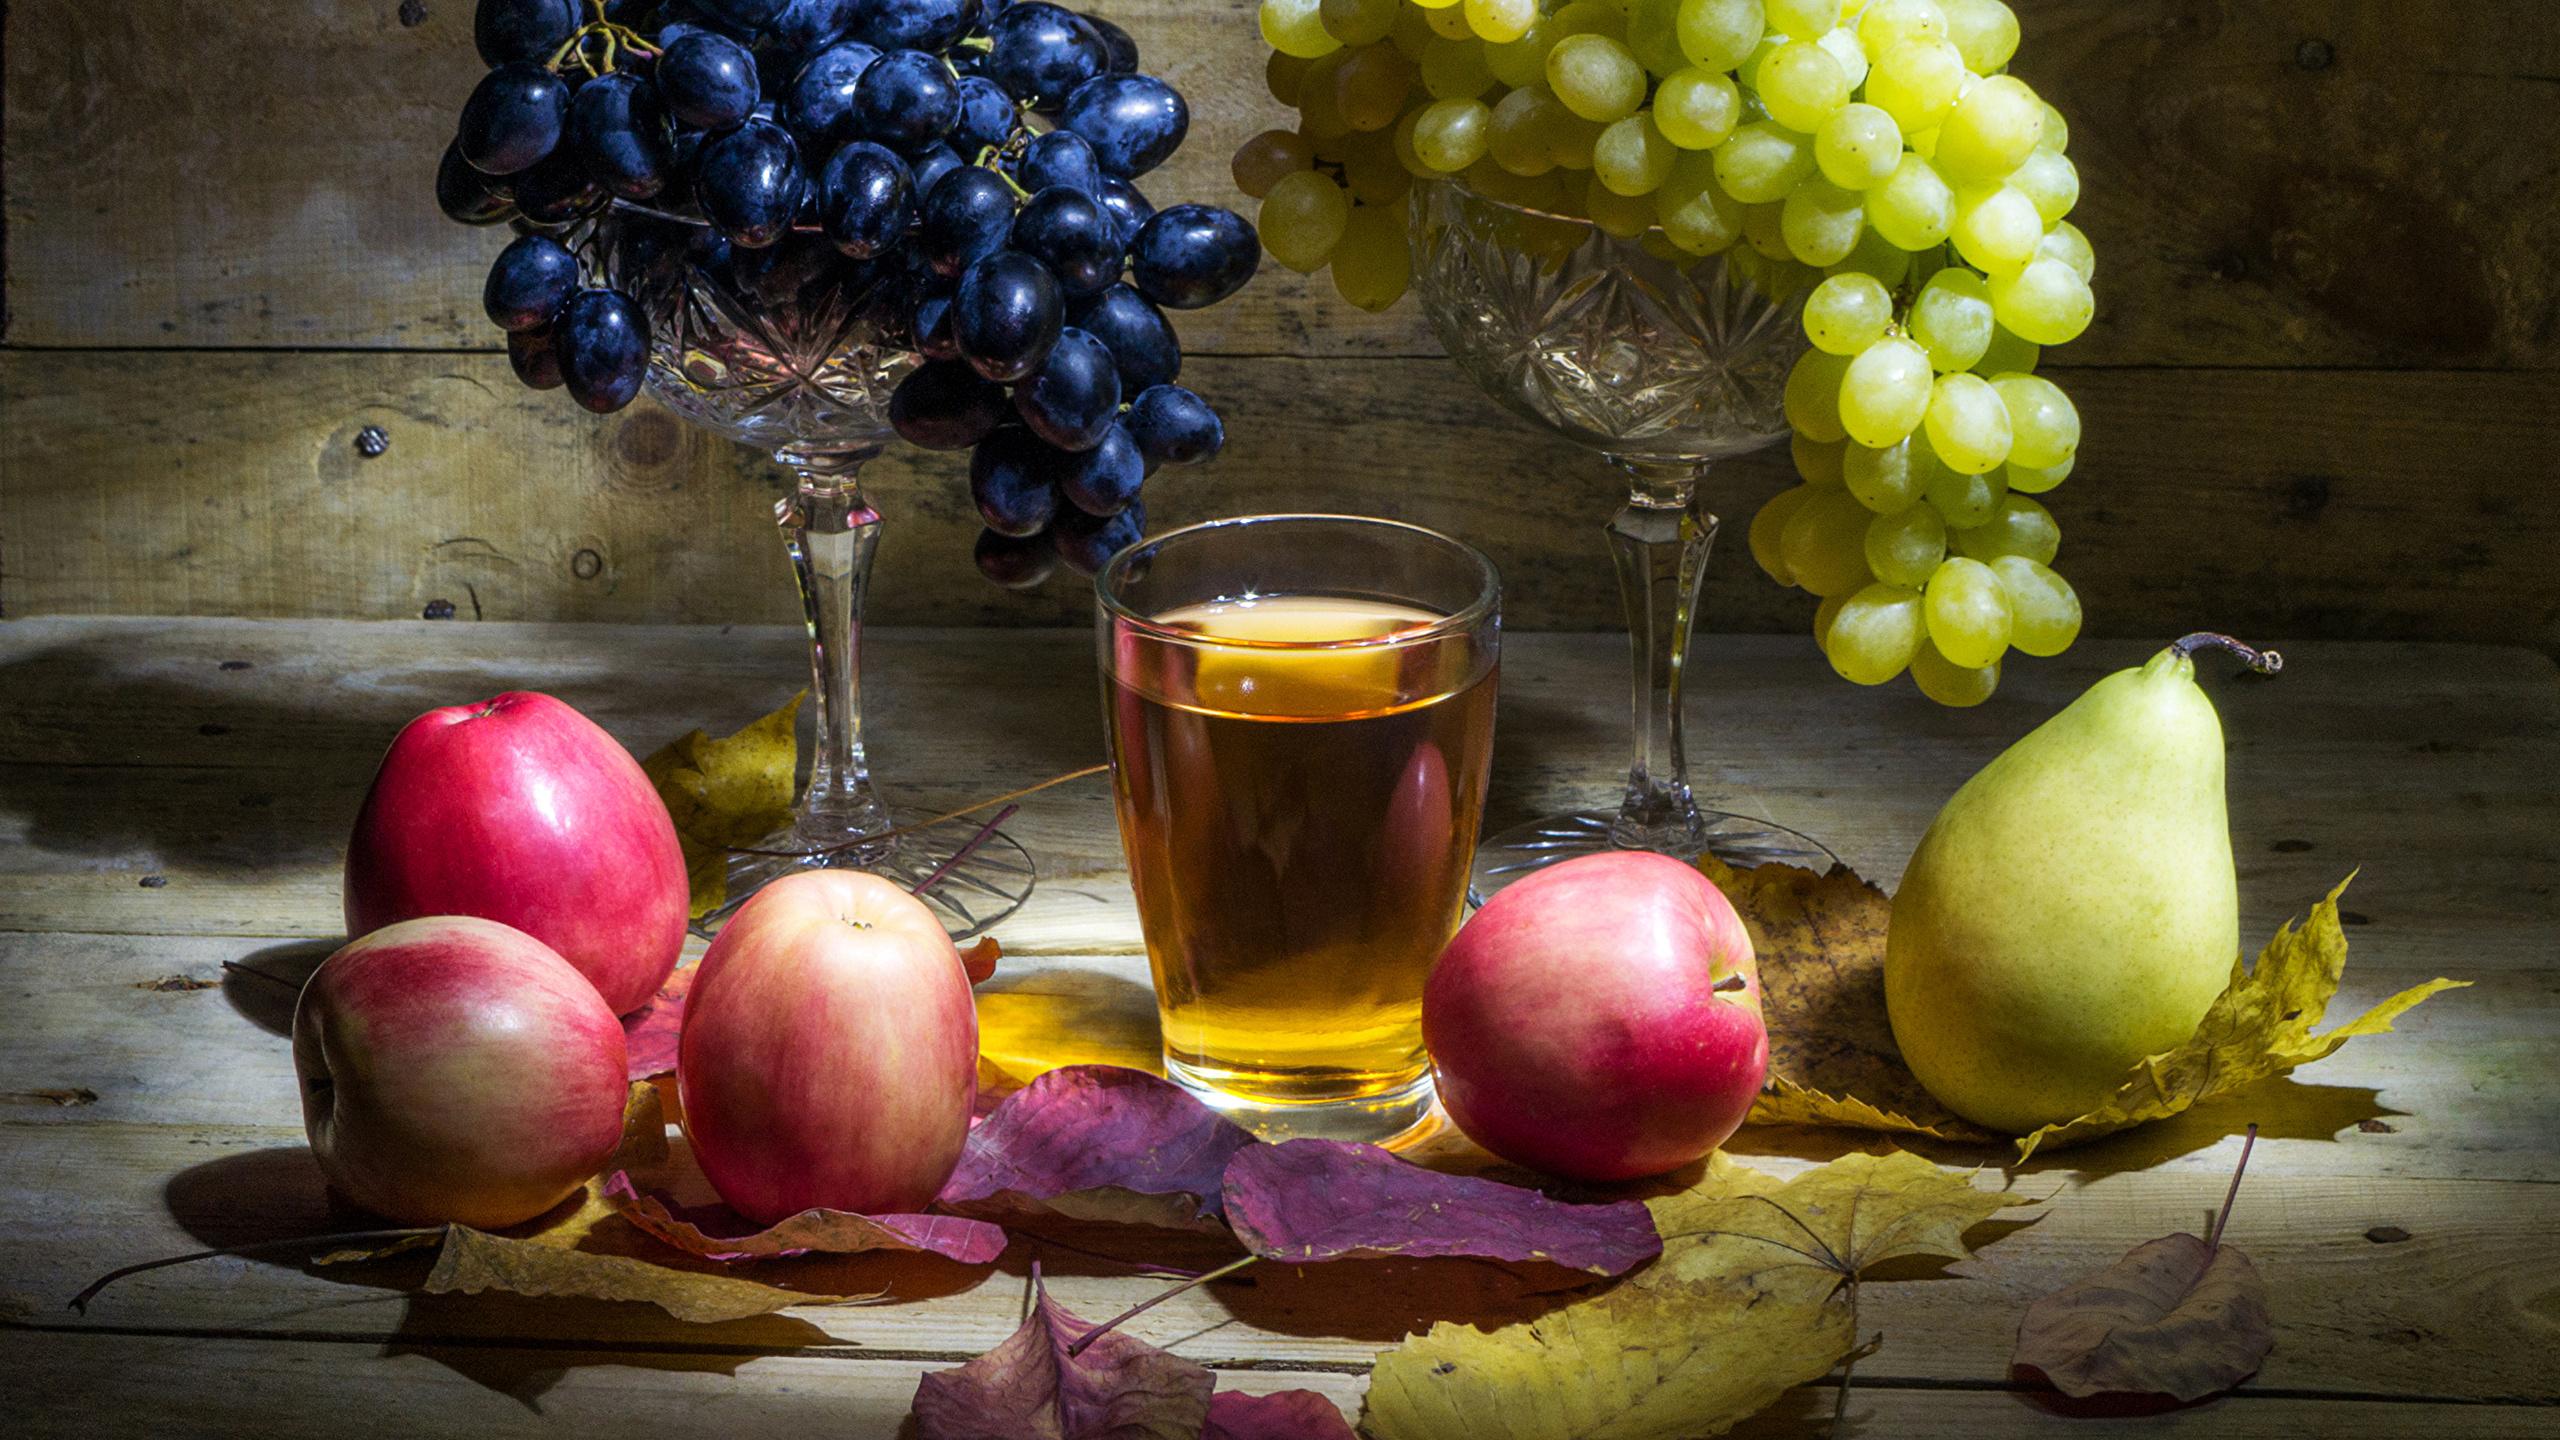 Обои Листья Сок Груши Стакан Яблоки Виноград Еда Натюрморт 2560x1440 лист Листва стакана стакане Пища Продукты питания